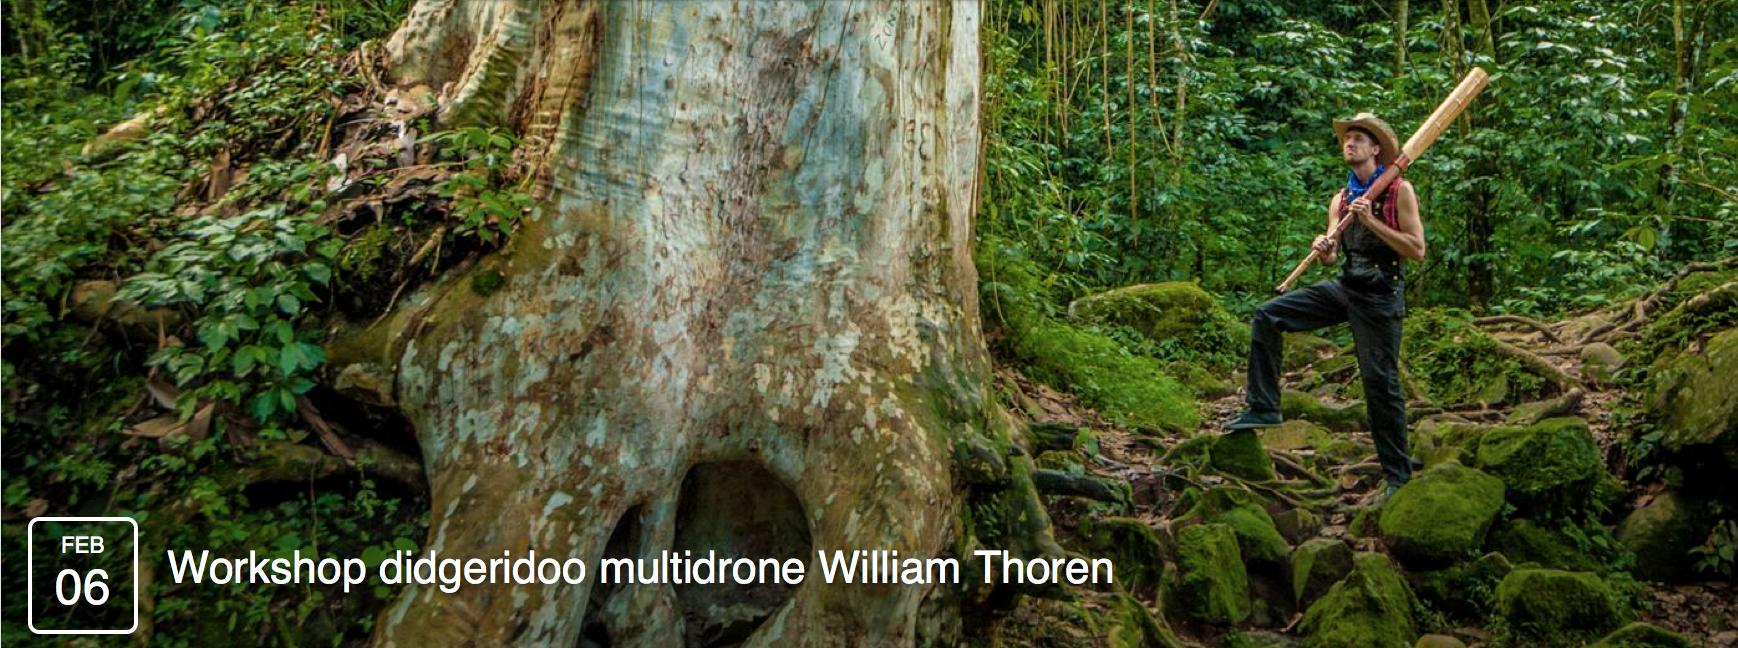 William Thoren Didgeridoo Workshop in France